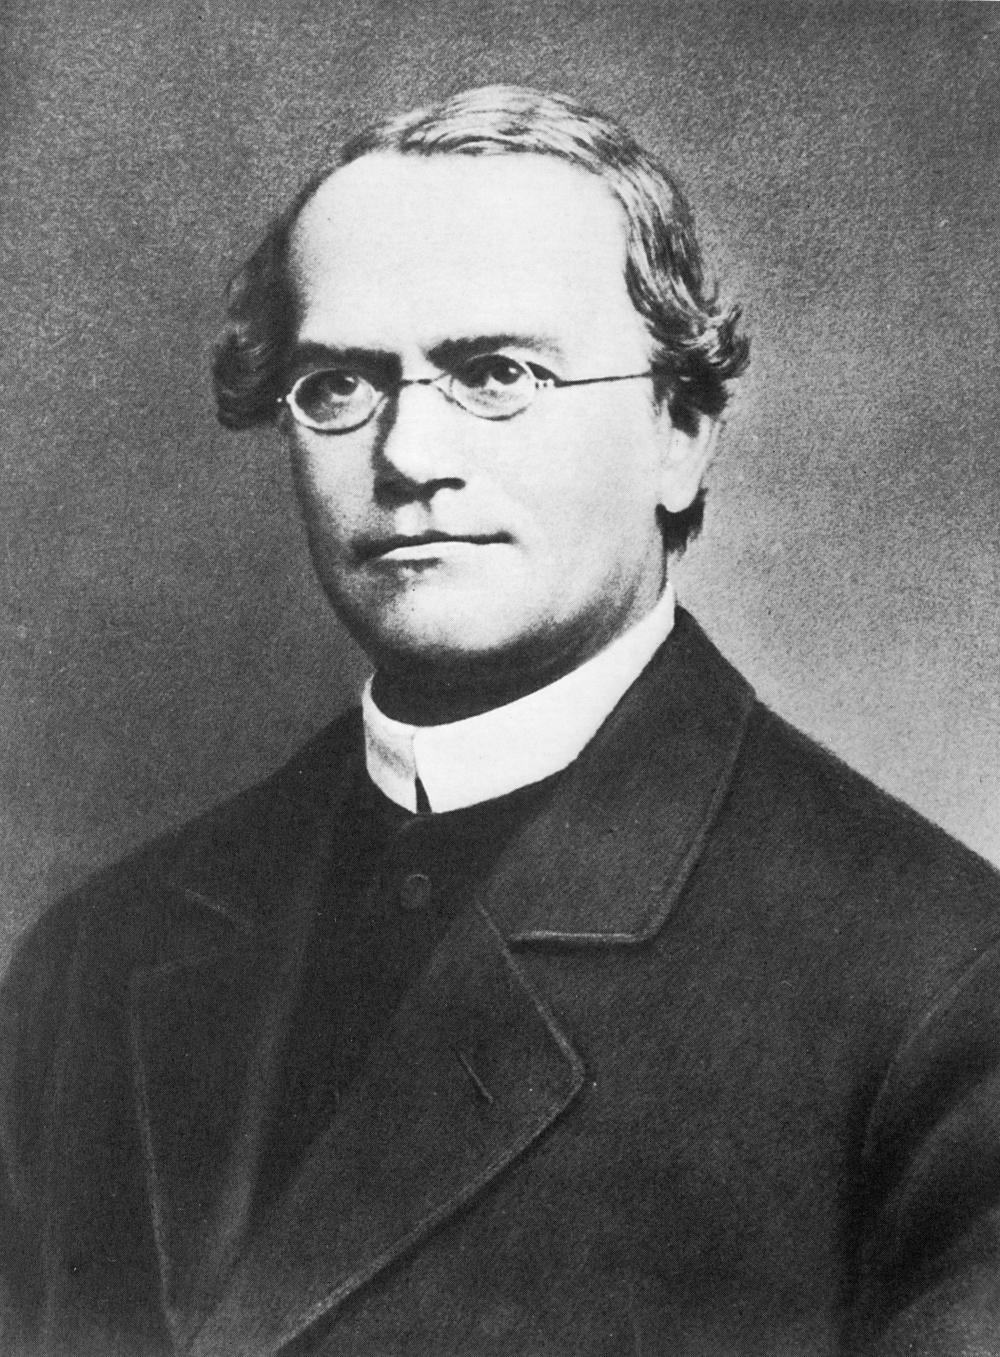 Монах-августинец, аббат, «отец генетики» Грегор Иоганн Мендель.